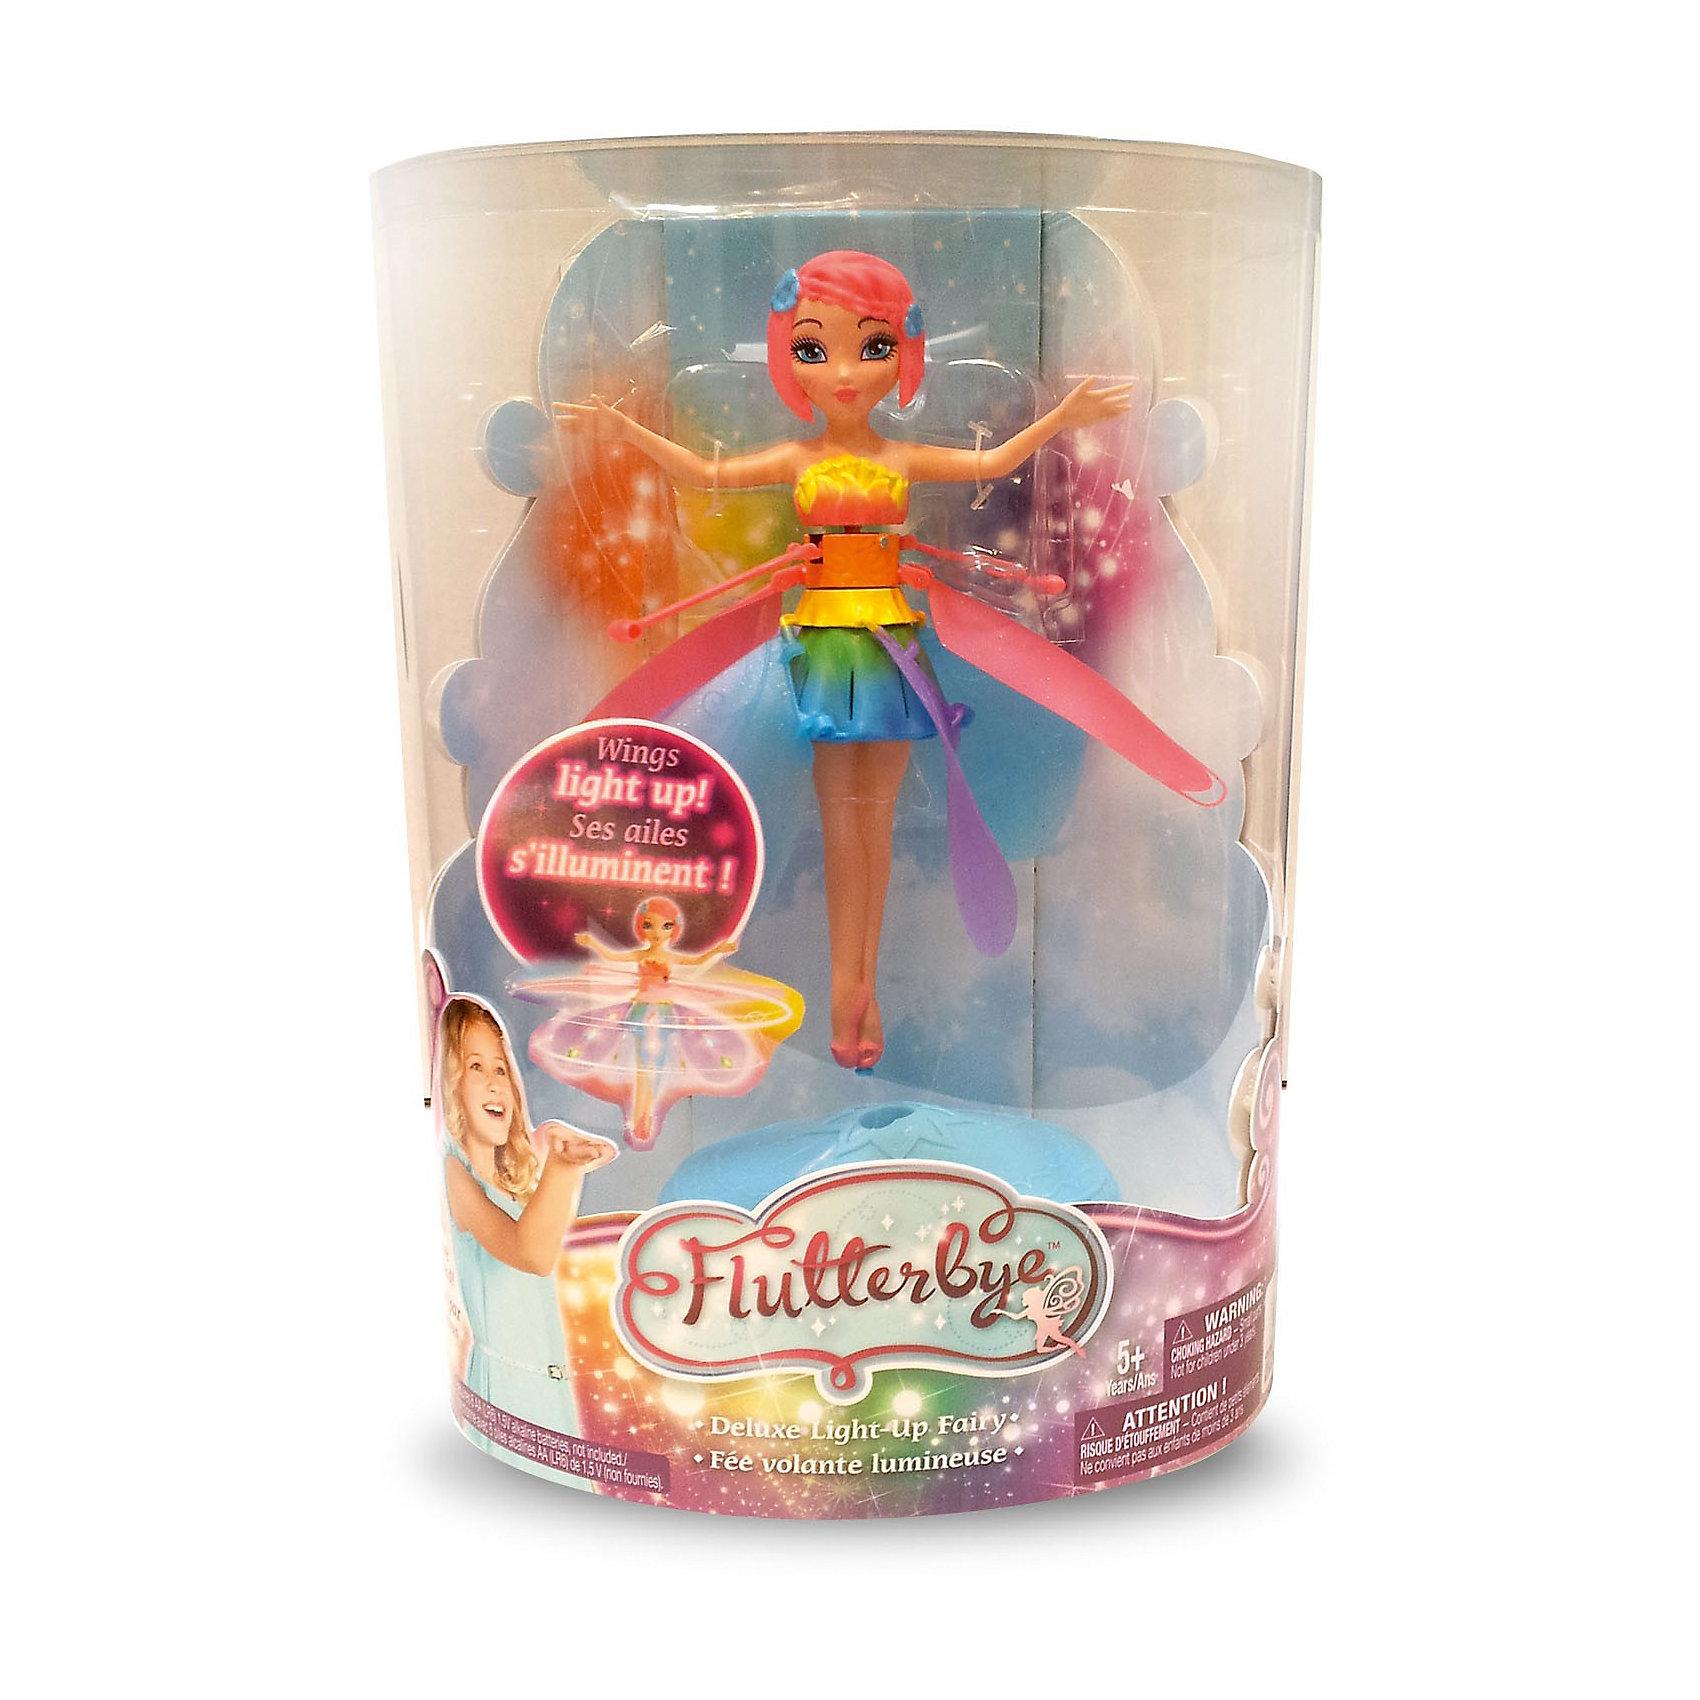 Фея с подсветкой, парящая в воздухе,  Flying FairyФея с подсветкой, парящая в воздухе, Flying Fairy - оригинальная летающая кукла, которая вызовет восторг у Вашей девочки. Куколка выглядит как настоящая волшебная фея и одета в яркое разноцветное платье с юбочкой, которая светится во время полета. Крылышки у феи снимаются, и с ней можно играть, как с обычной игрушкой. Кукольная фея может взлетать на небольшую высоту и парить в воздухе. <br><br>Для запуска феи нужно установить ее на специальную платформу и нажать стартовую кнопку в форме губ – фея взлетит. Для управления полетом пульт не требуется, нужно лишь поднести  к ножкам куклы ладонь и она будет парить в направлении движения Вашей руки: с поднятием руки взлетать чуть выше, а с опусканием - снижаться.  Играть с феей можно как дома так и на улице. Кукла может летать непрерывно в течение 5-8 минут. Чтобы подзарядить игрушку, нужно поставить ее на подставку, внутри которой находится зарядное устройство. Минимальное время зарядки 5 минут, полная зарядка - 30 мин. <br><br>Дополнительная информация:<br><br>- В комплекте: кукла, подставка (зарядное устройство и платформа для запуска одновременно), инструкция..<br>- Материал: пластик.<br>- Требуются батарейки: 6 х AA (не входят в комплект).<br>- Высота куклы: 20 см.<br>- Размер упаковки: 18 х 28 х 14 см.<br>- Вес: 0,64 кг. <br><br>Куклу Фея с подсветкой, парящая в воздухе, Flying Fairy (Летающая фея) можно купить в нашем интернет-магазине.<br><br>Ширина мм: 292<br>Глубина мм: 205<br>Высота мм: 132<br>Вес г: 342<br>Возраст от месяцев: 36<br>Возраст до месяцев: 120<br>Пол: Женский<br>Возраст: Детский<br>SKU: 3819823